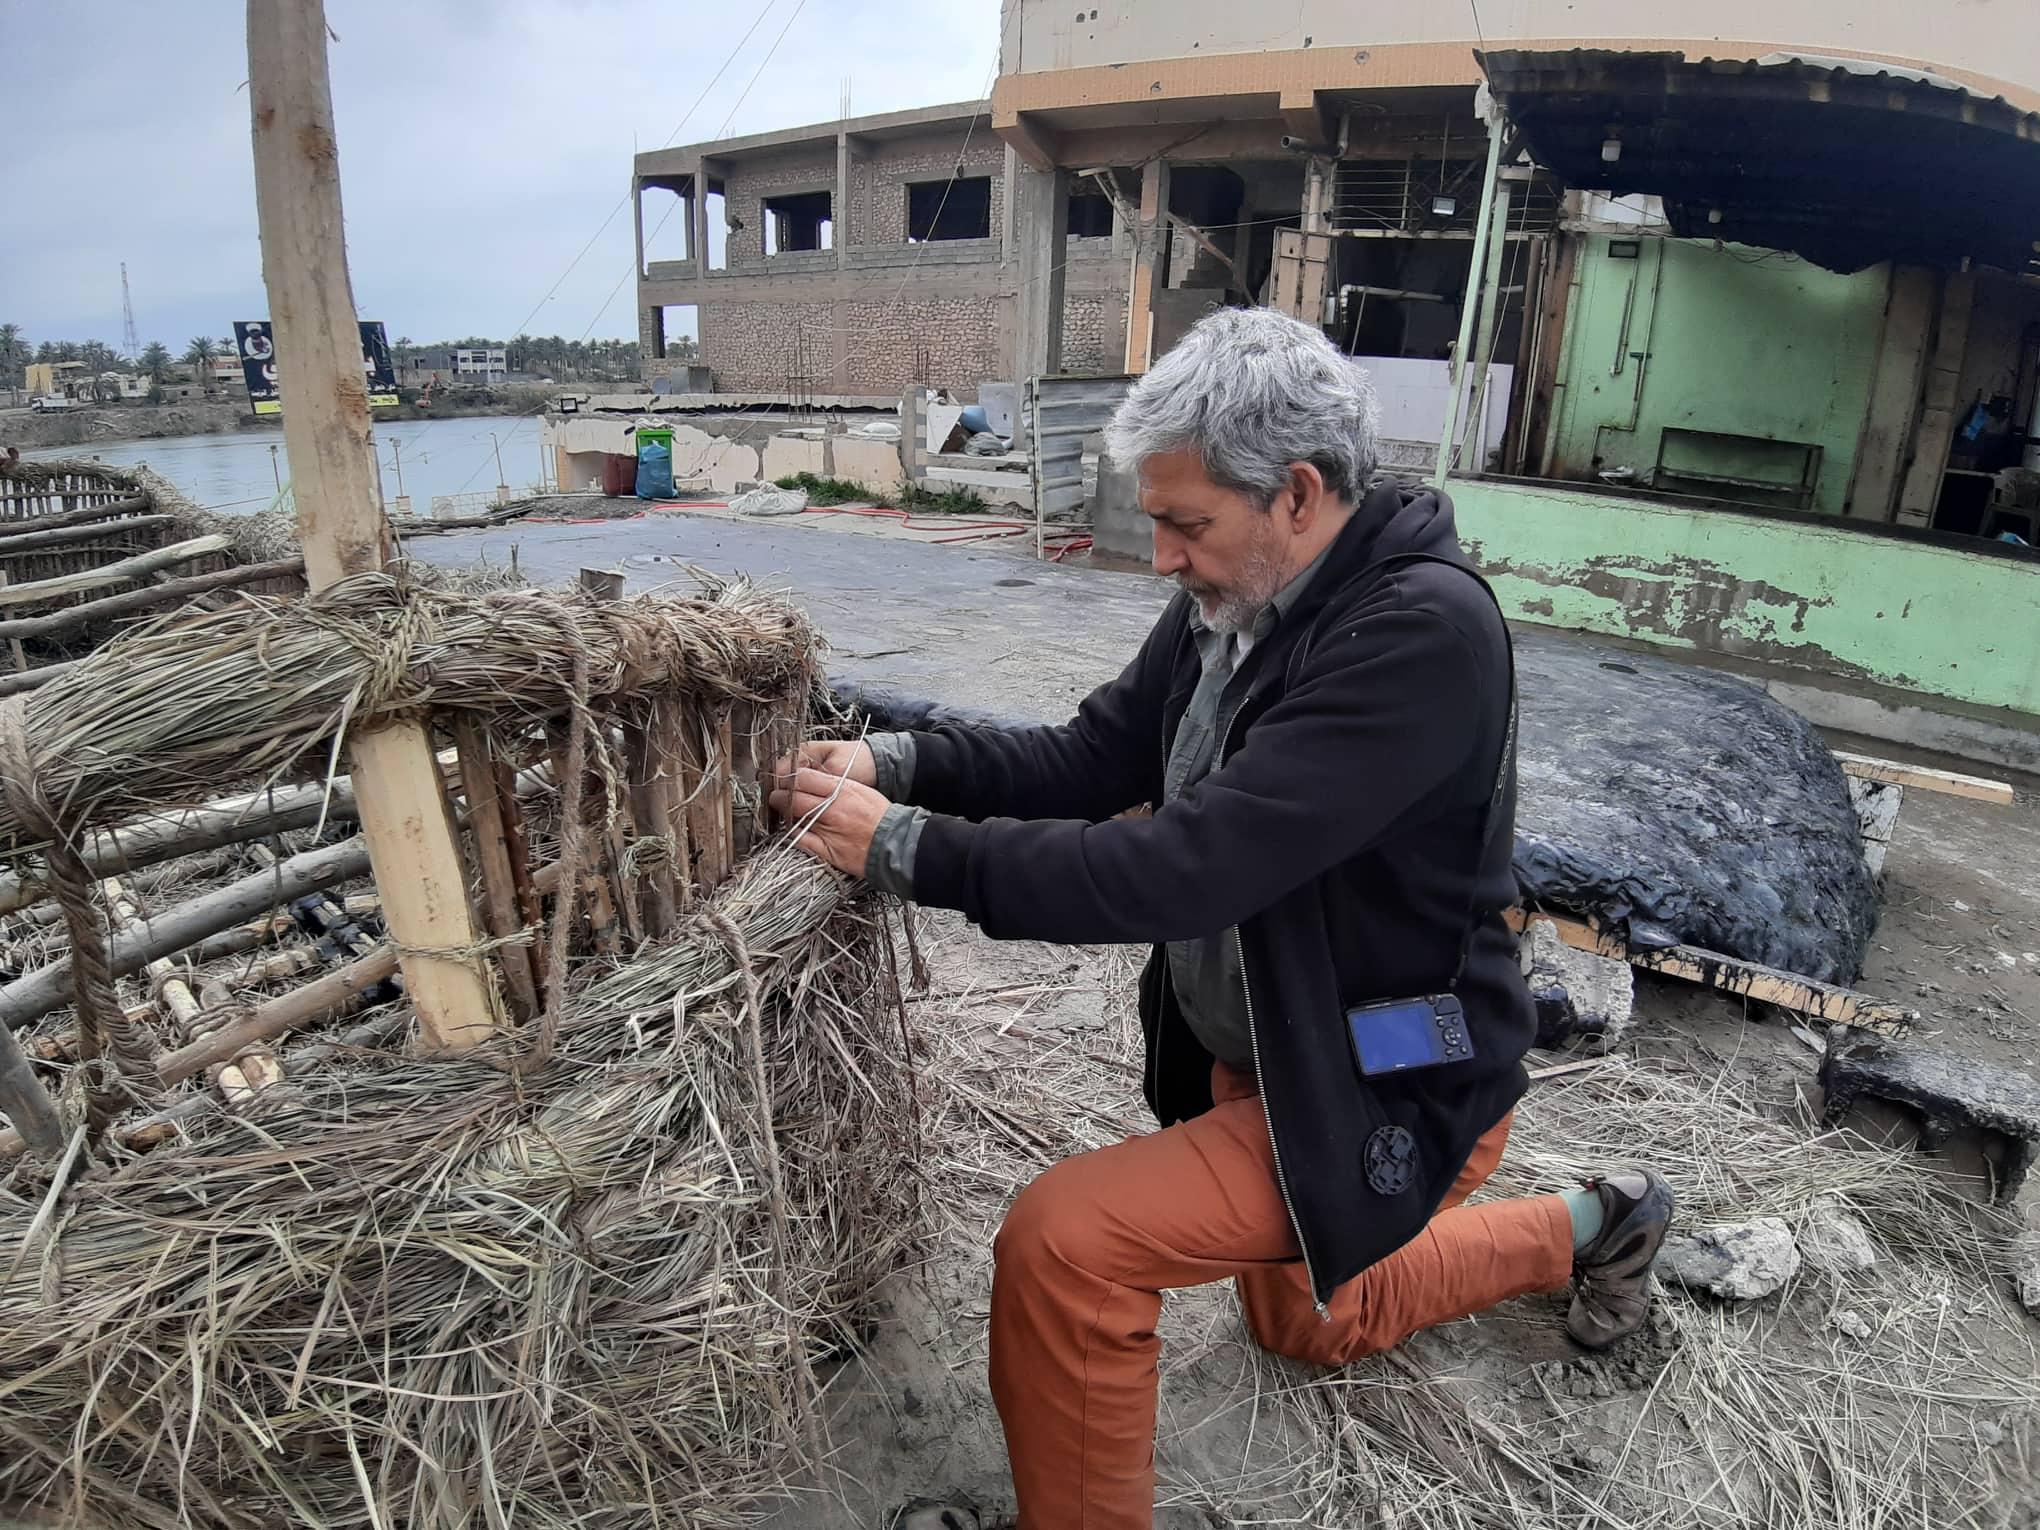 بالصور.. هيتاوي يعيد احياء زورق سومري